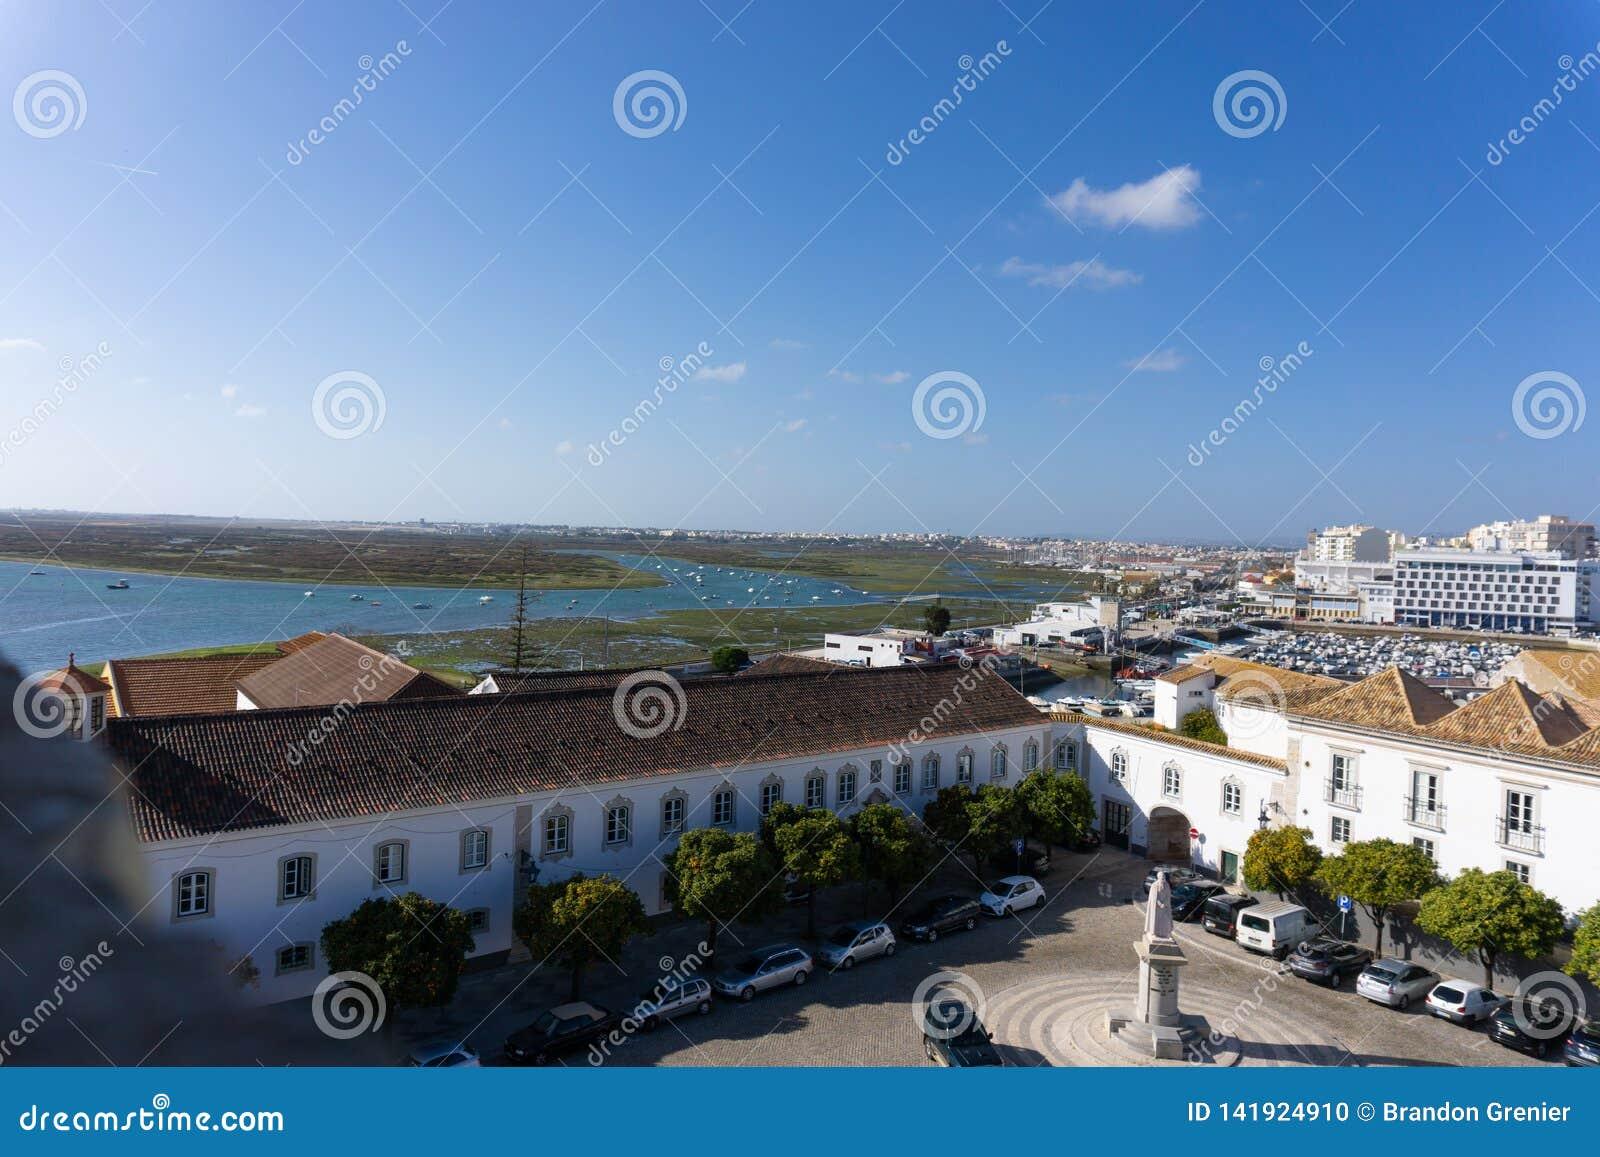 Εξετάζοντας κάτω Faro, τη λιμνοθάλασσα της Πορτογαλίας και την πόλη